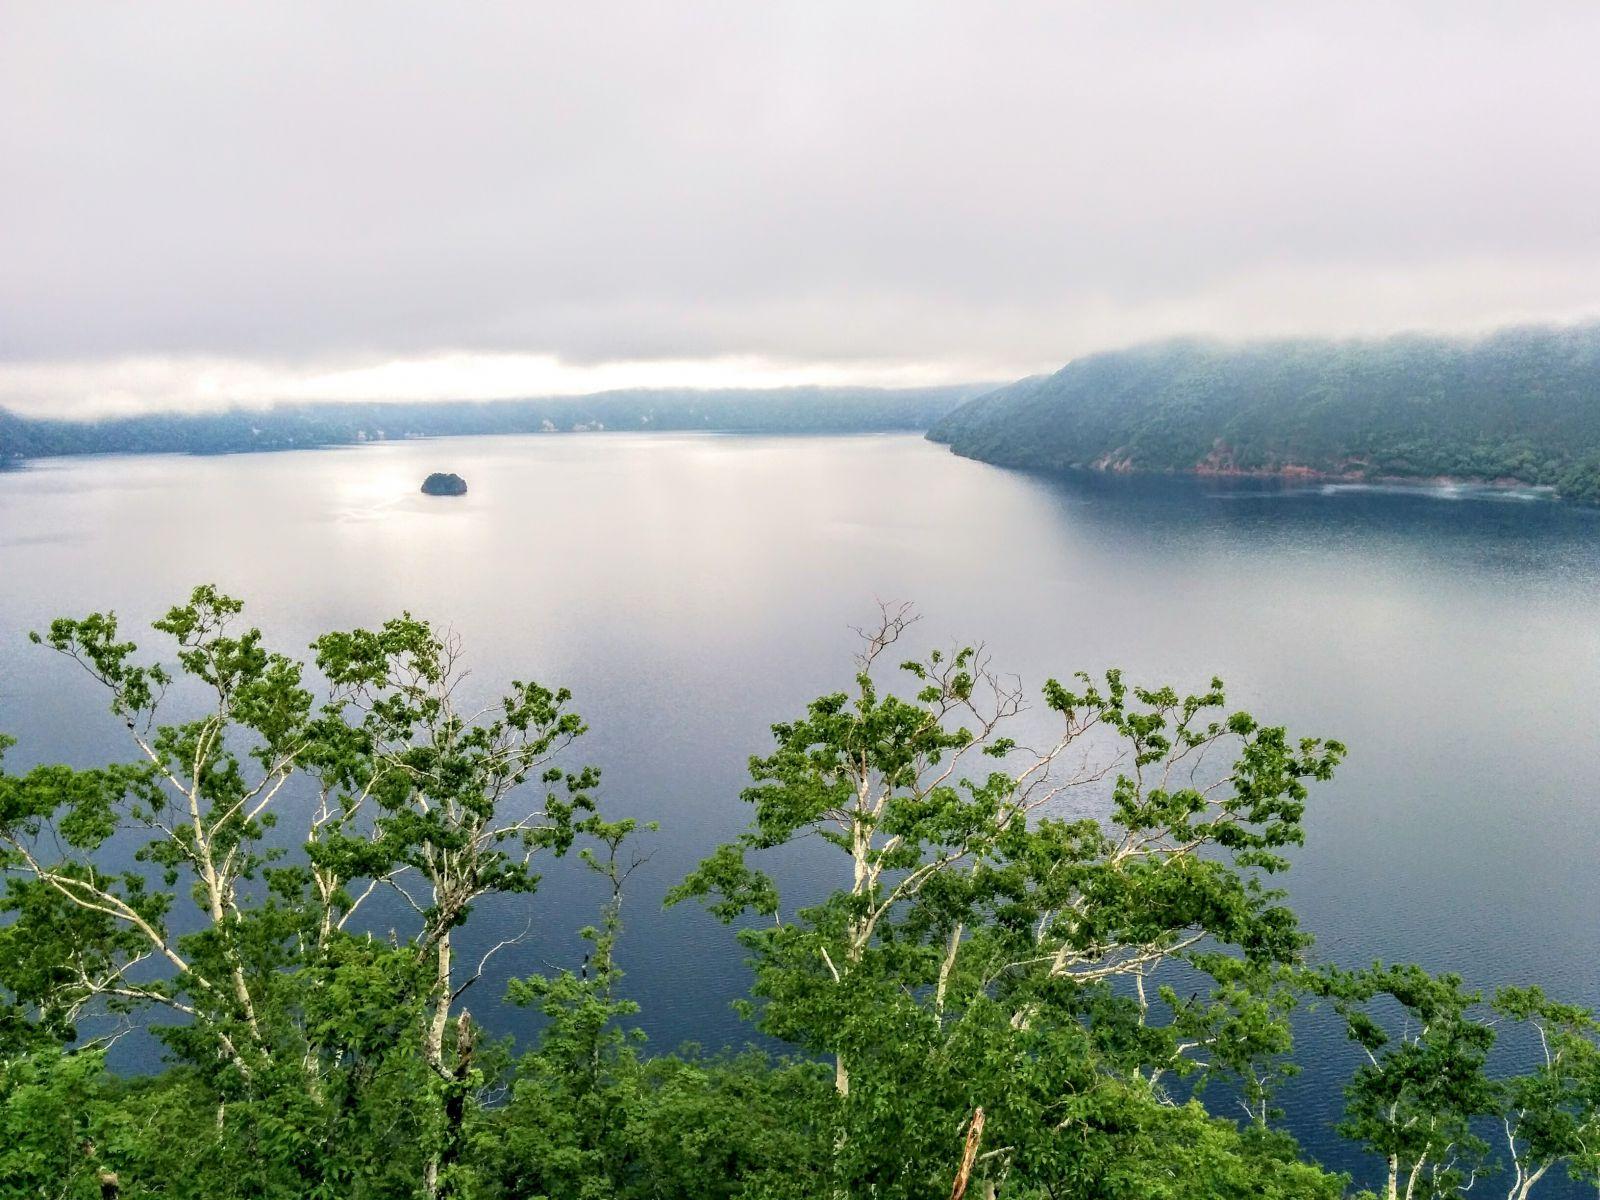 【摩周湖】摩周湖の伝説観光案内です。